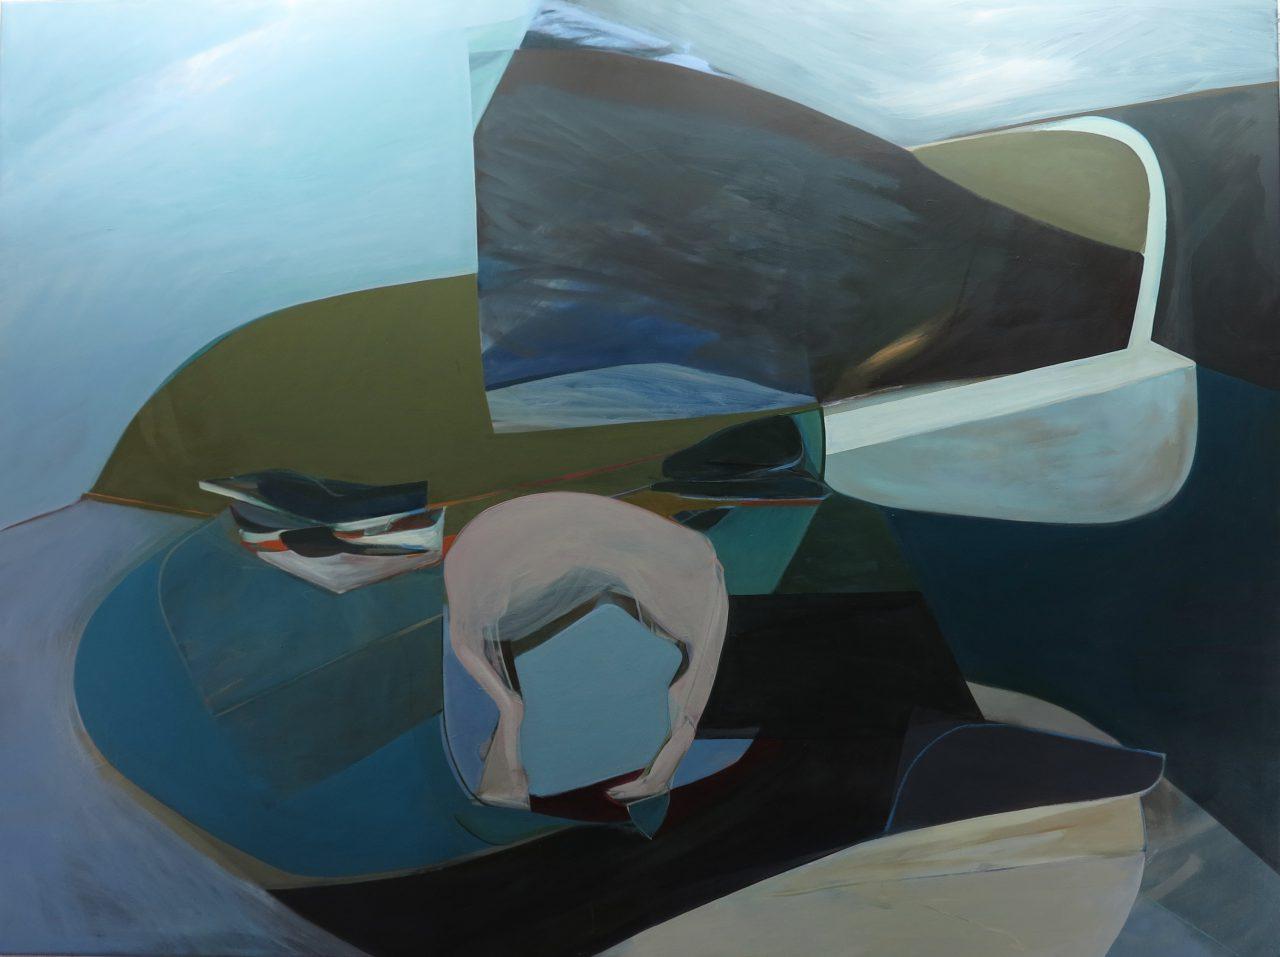 Le cheval de Troie, 200 x 150 cm, Oil painting 2016